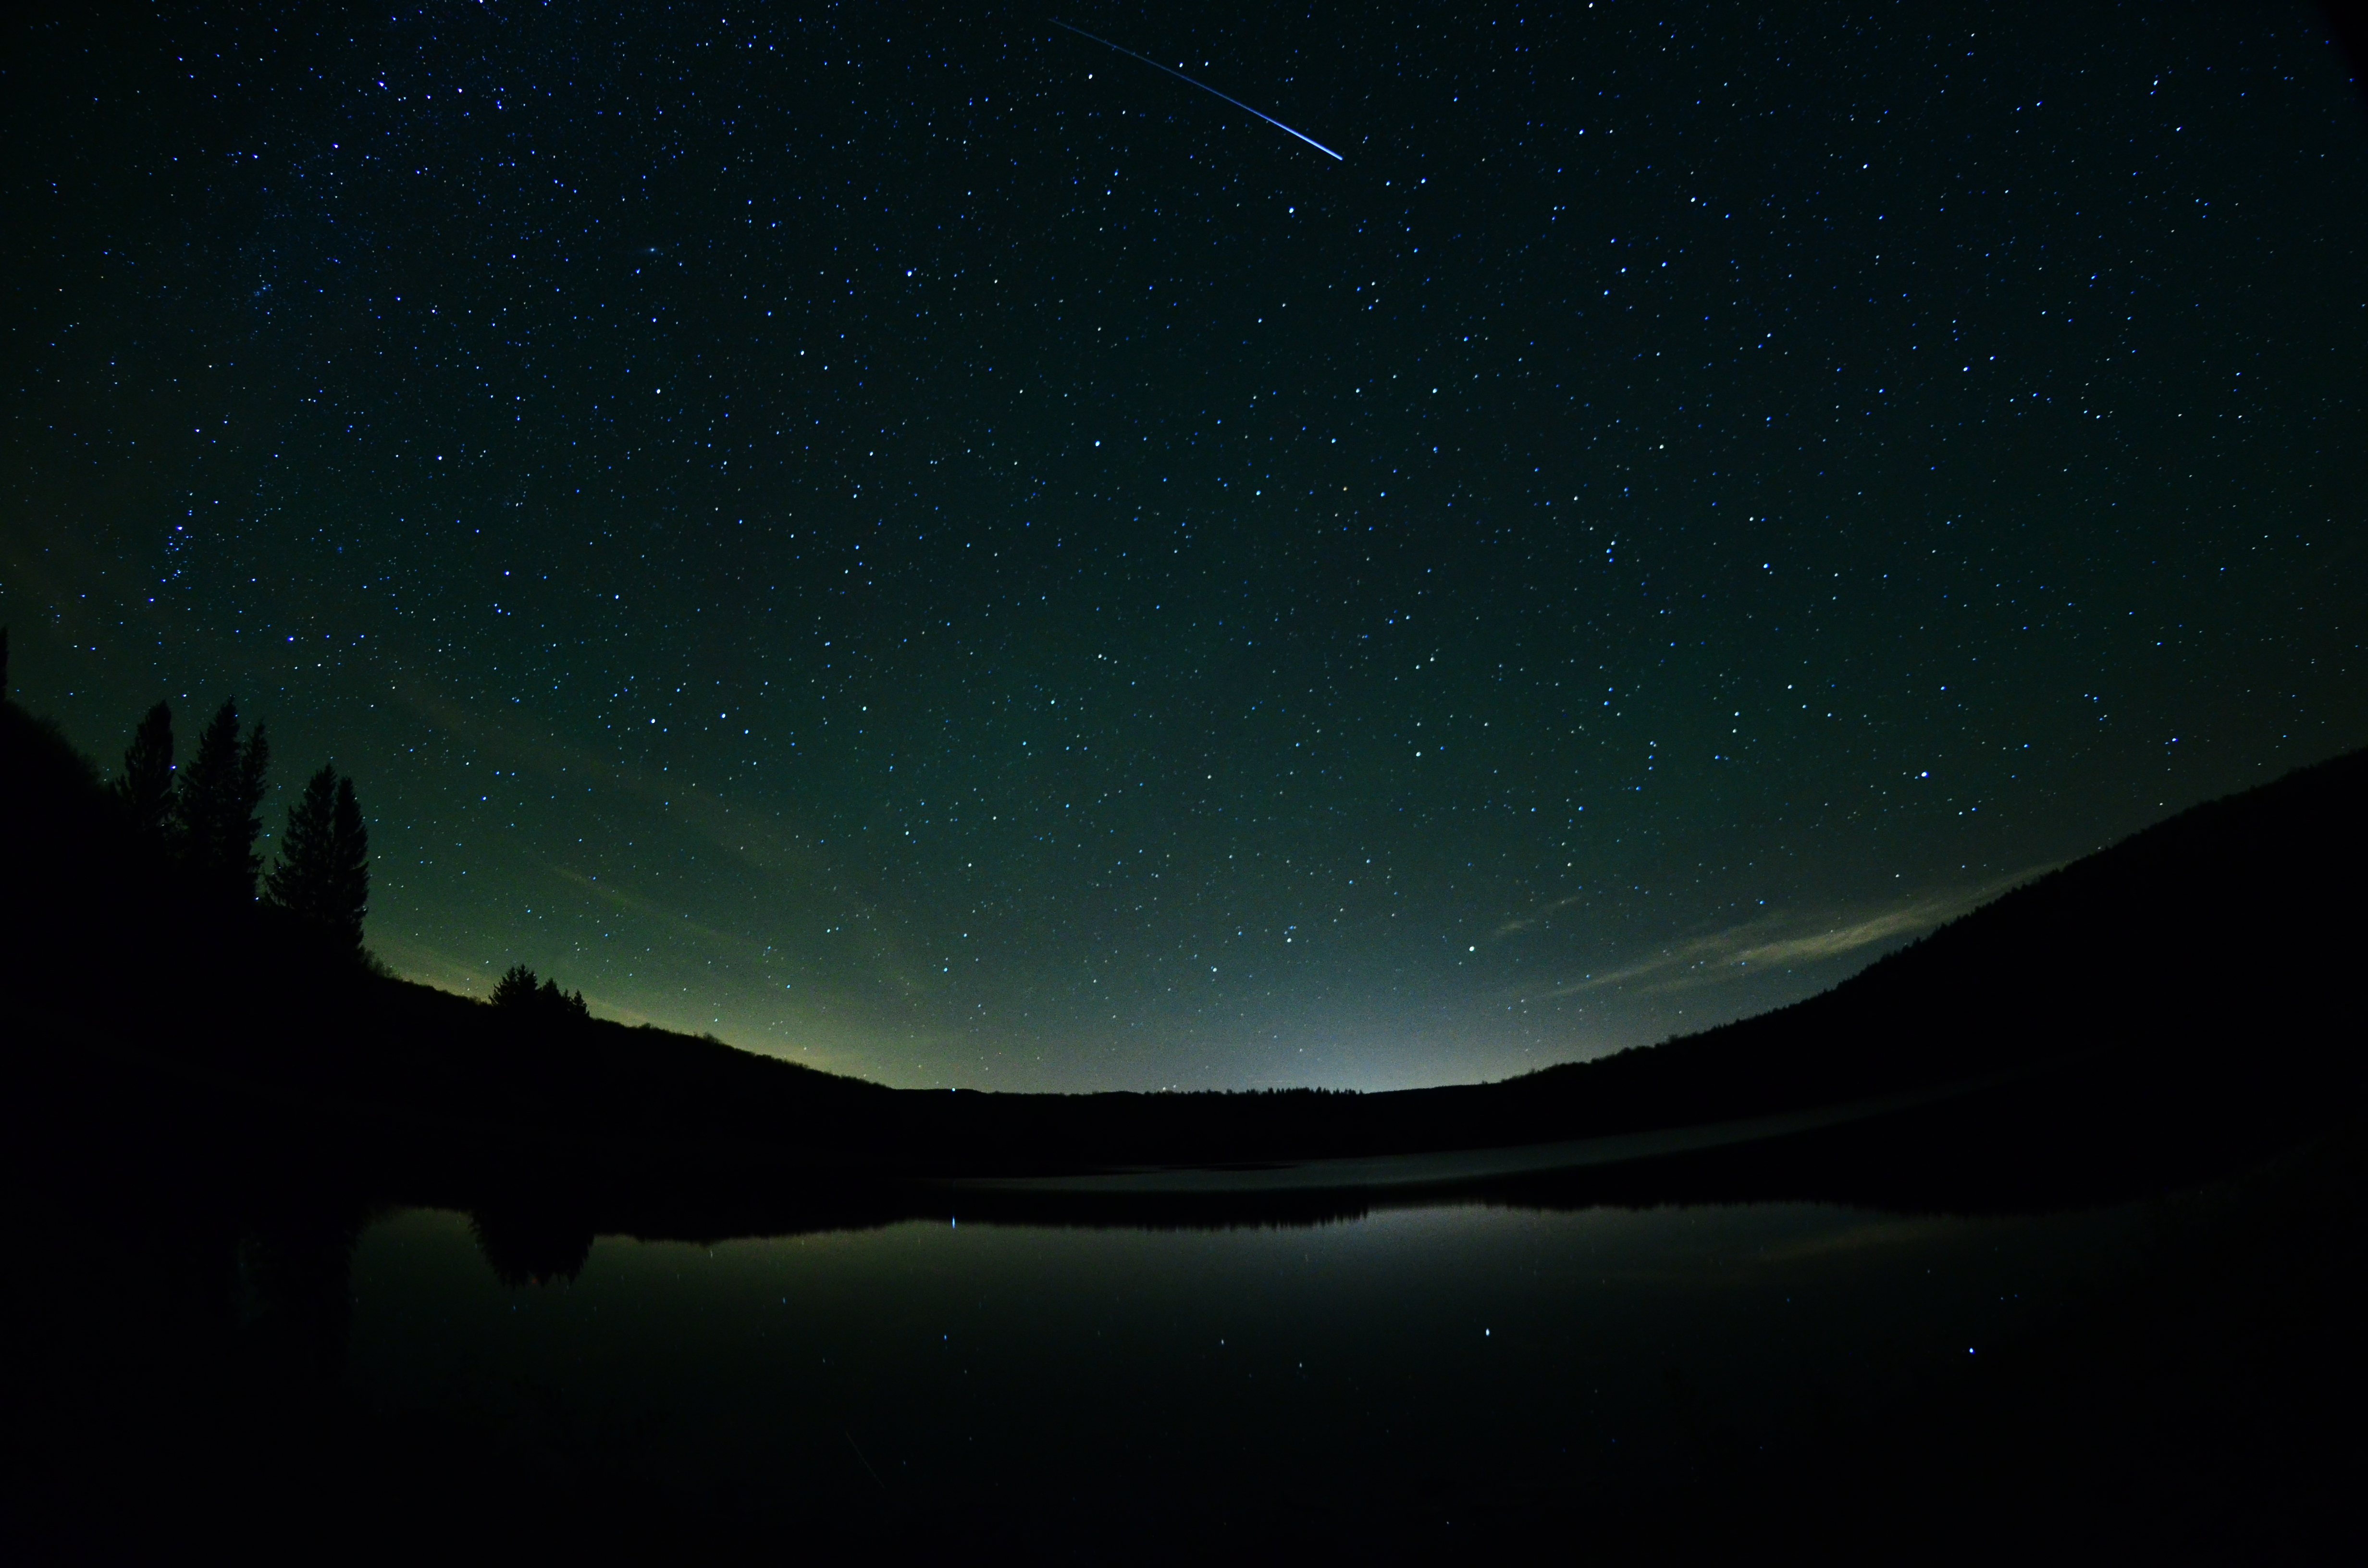 dsc_0025_meteor-ed04ec51613f10fa240453a7e6a41d170523e568